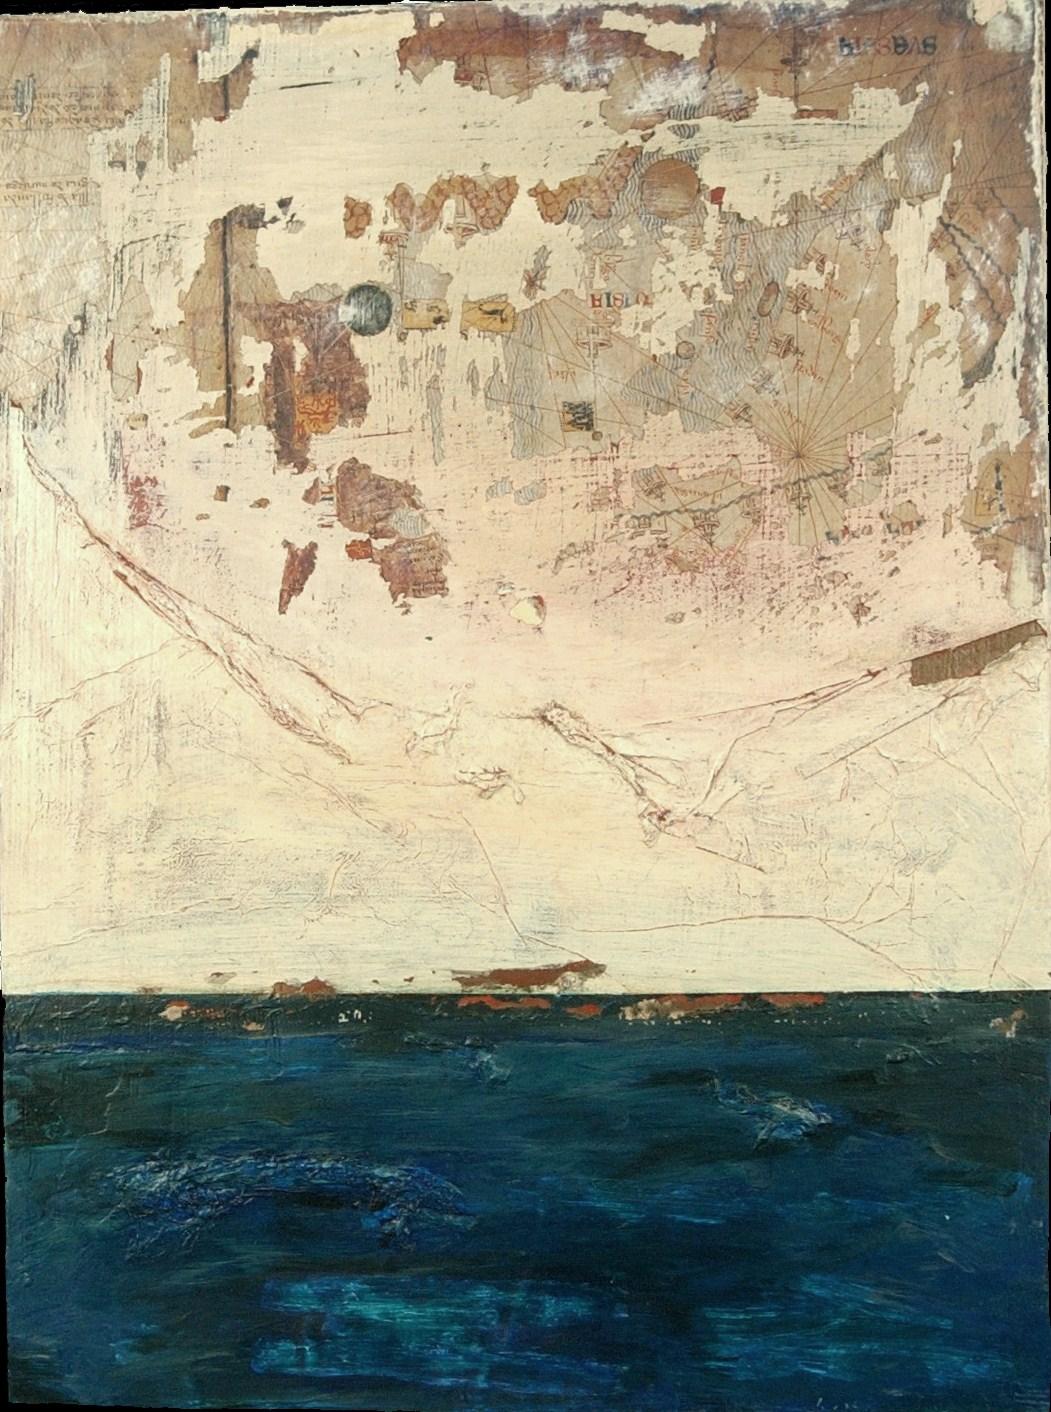 Mourao Mare Atlanticum 1